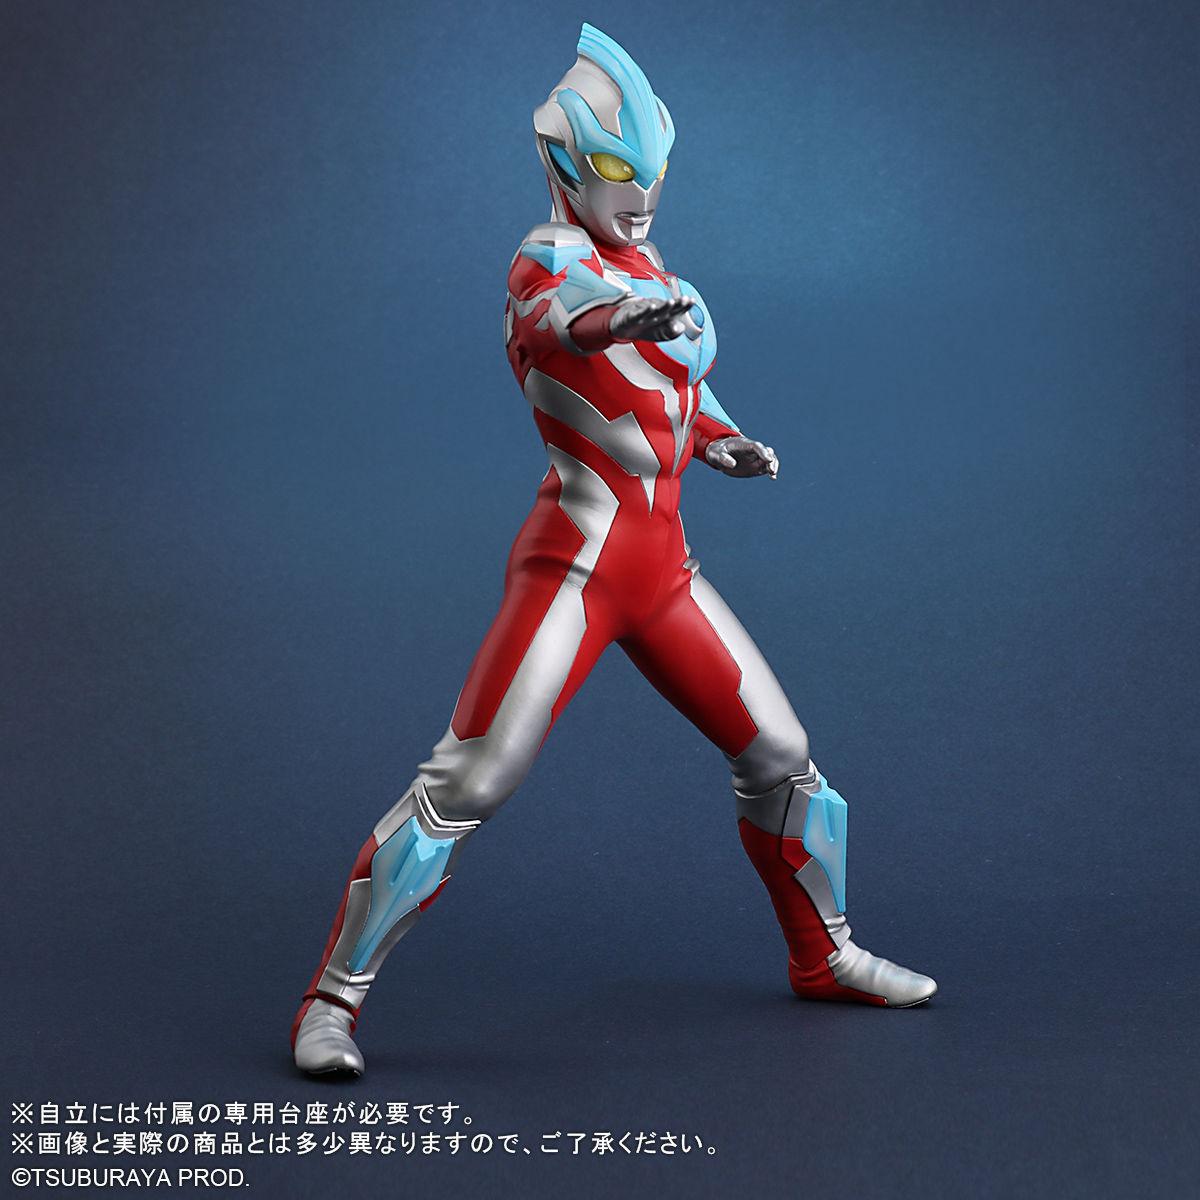 大怪獣シリーズ ULTRA NEW GENERATION『ウルトラマンギンガ』完成品フィギュア-003